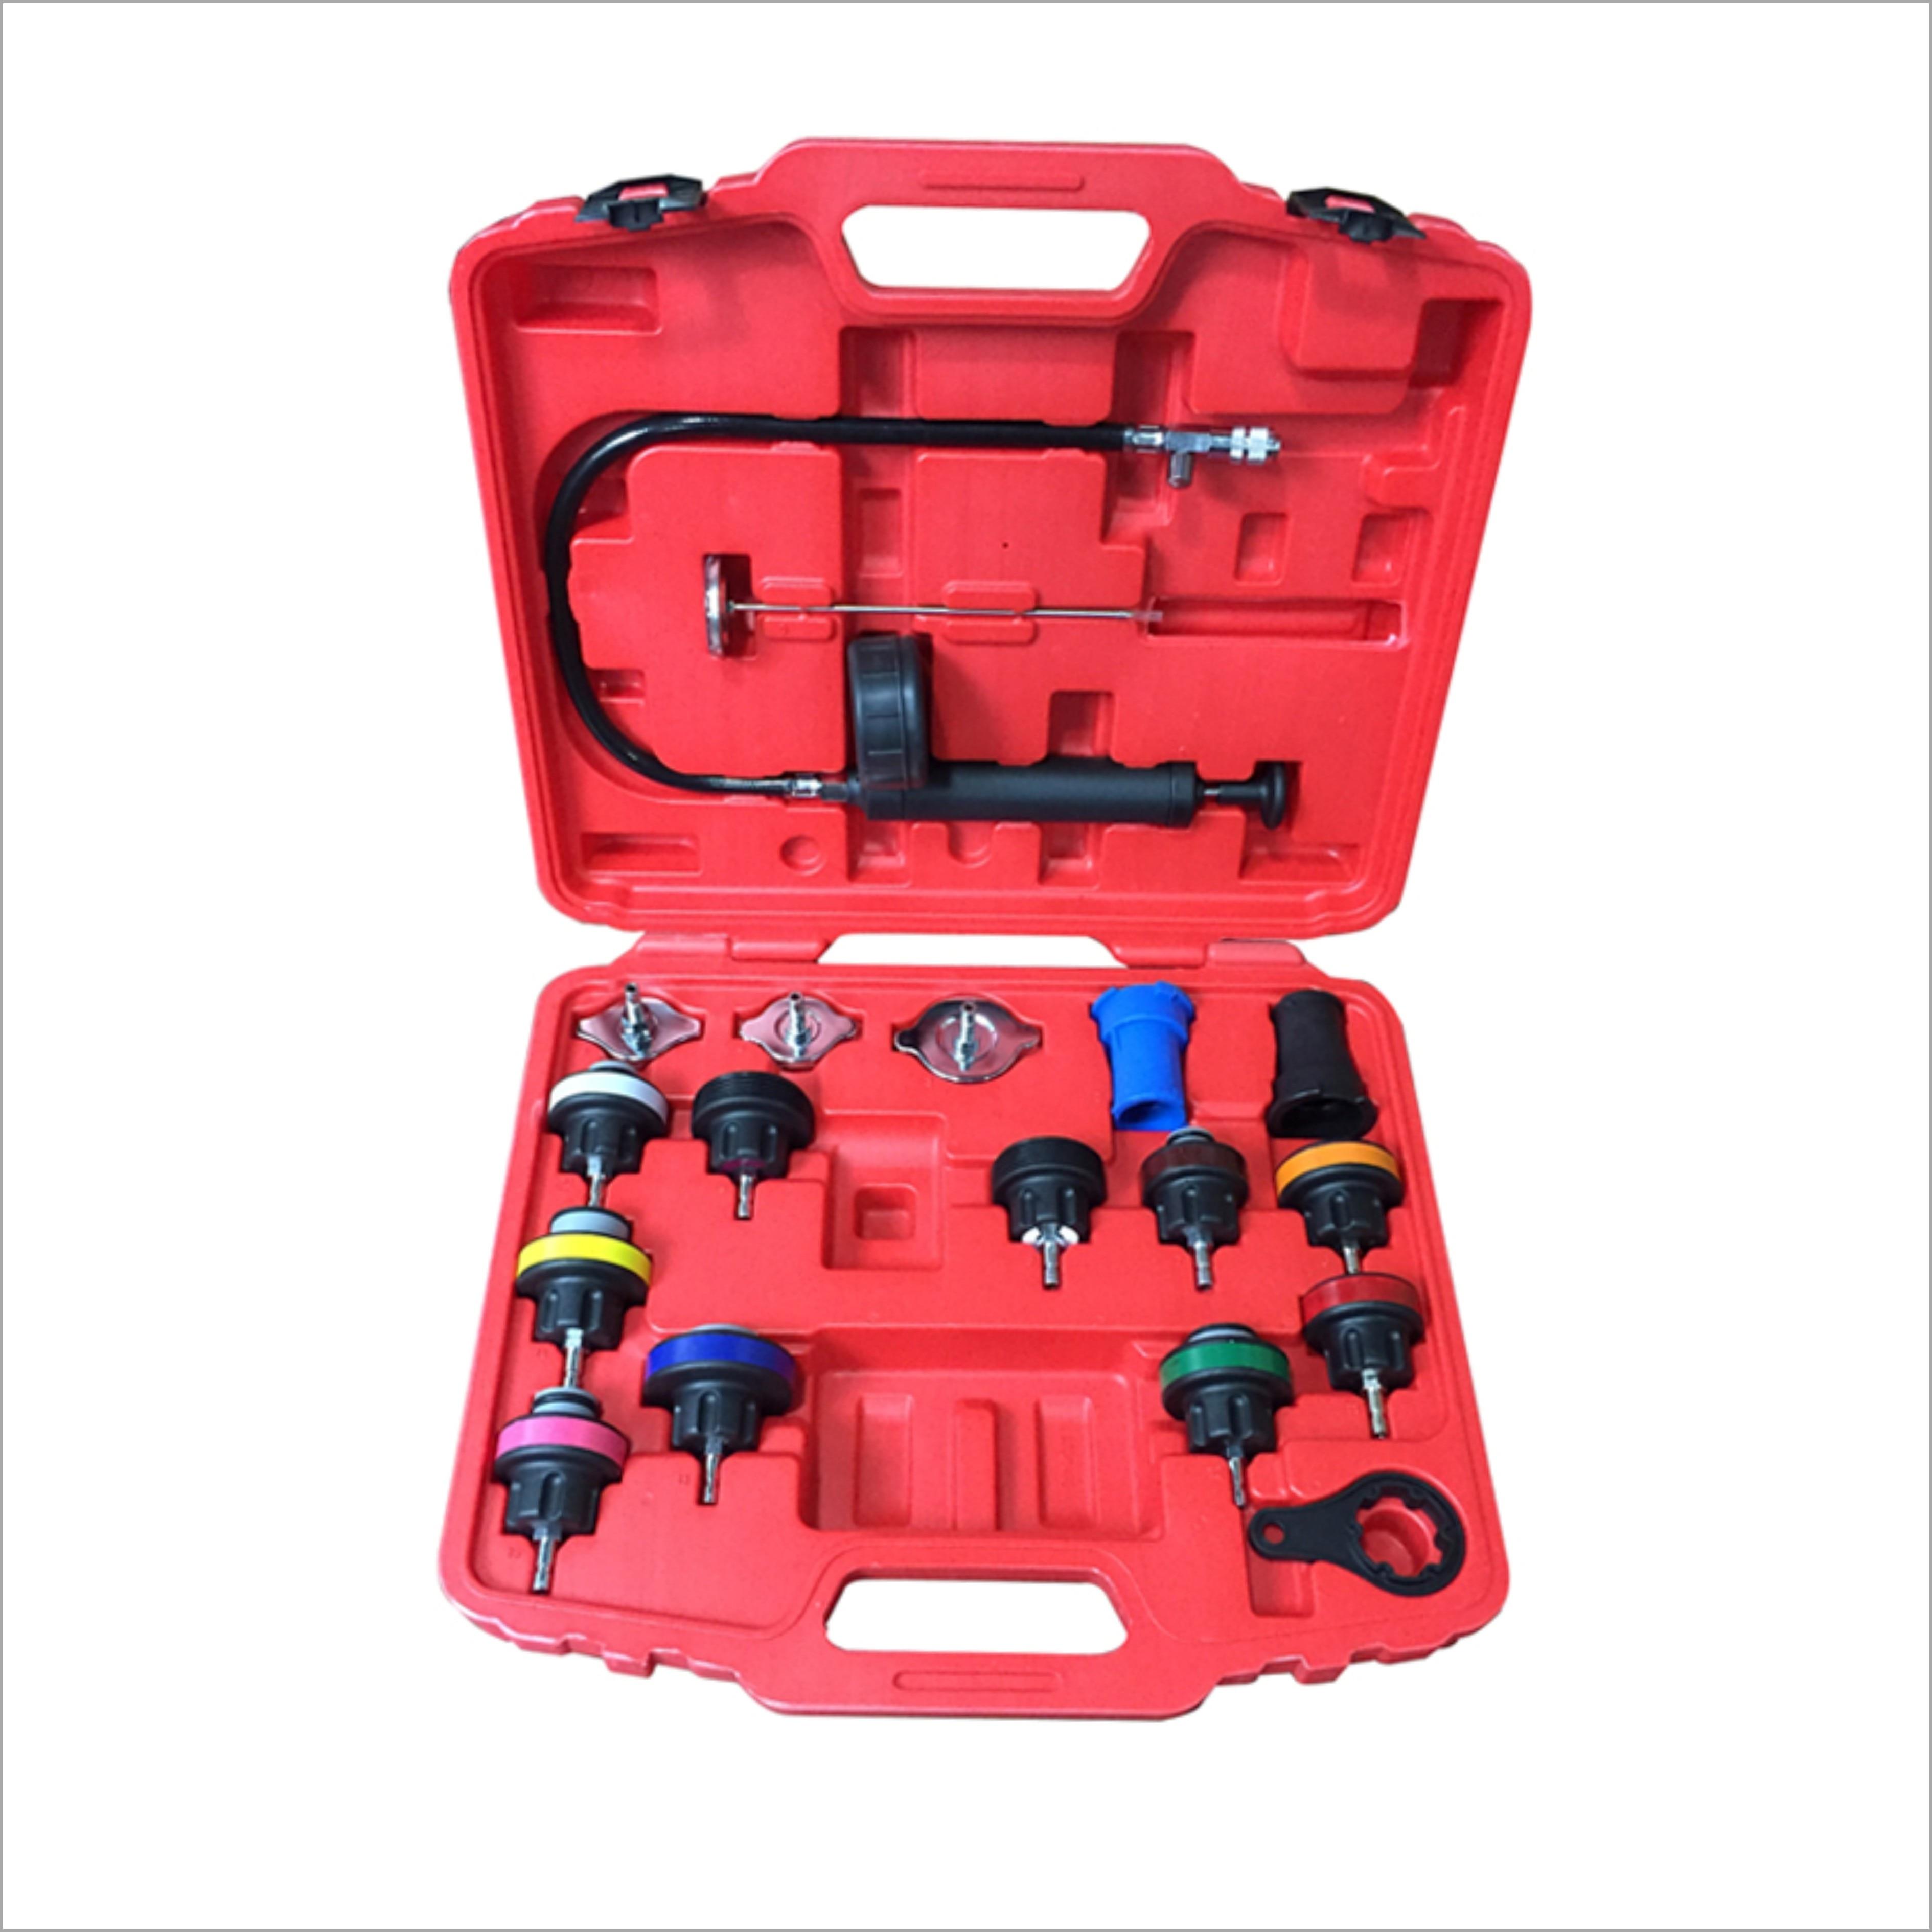 18Pcs Universal Radiator Pressure Tester Kit Car Water Tank Leak Detector